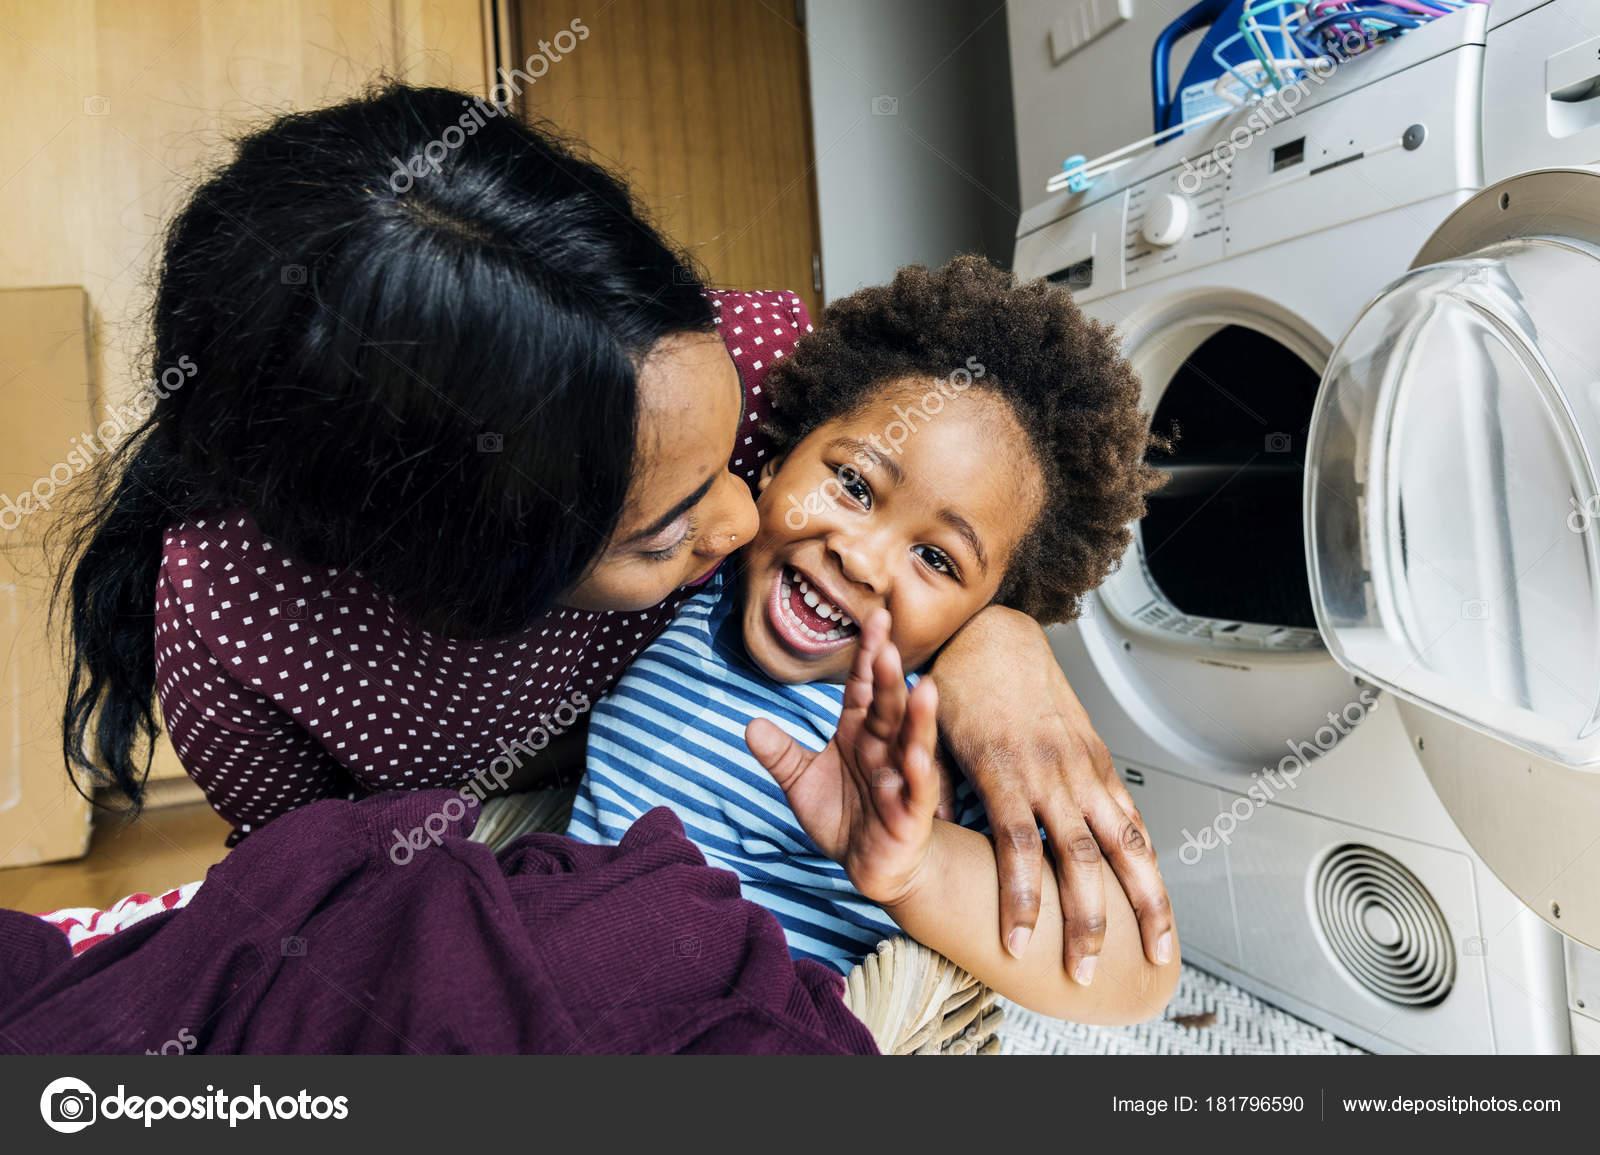 Сын трахает мать негритянку, Мама и негр: порно видео онлайн, смотреть секс ролик 18 фотография